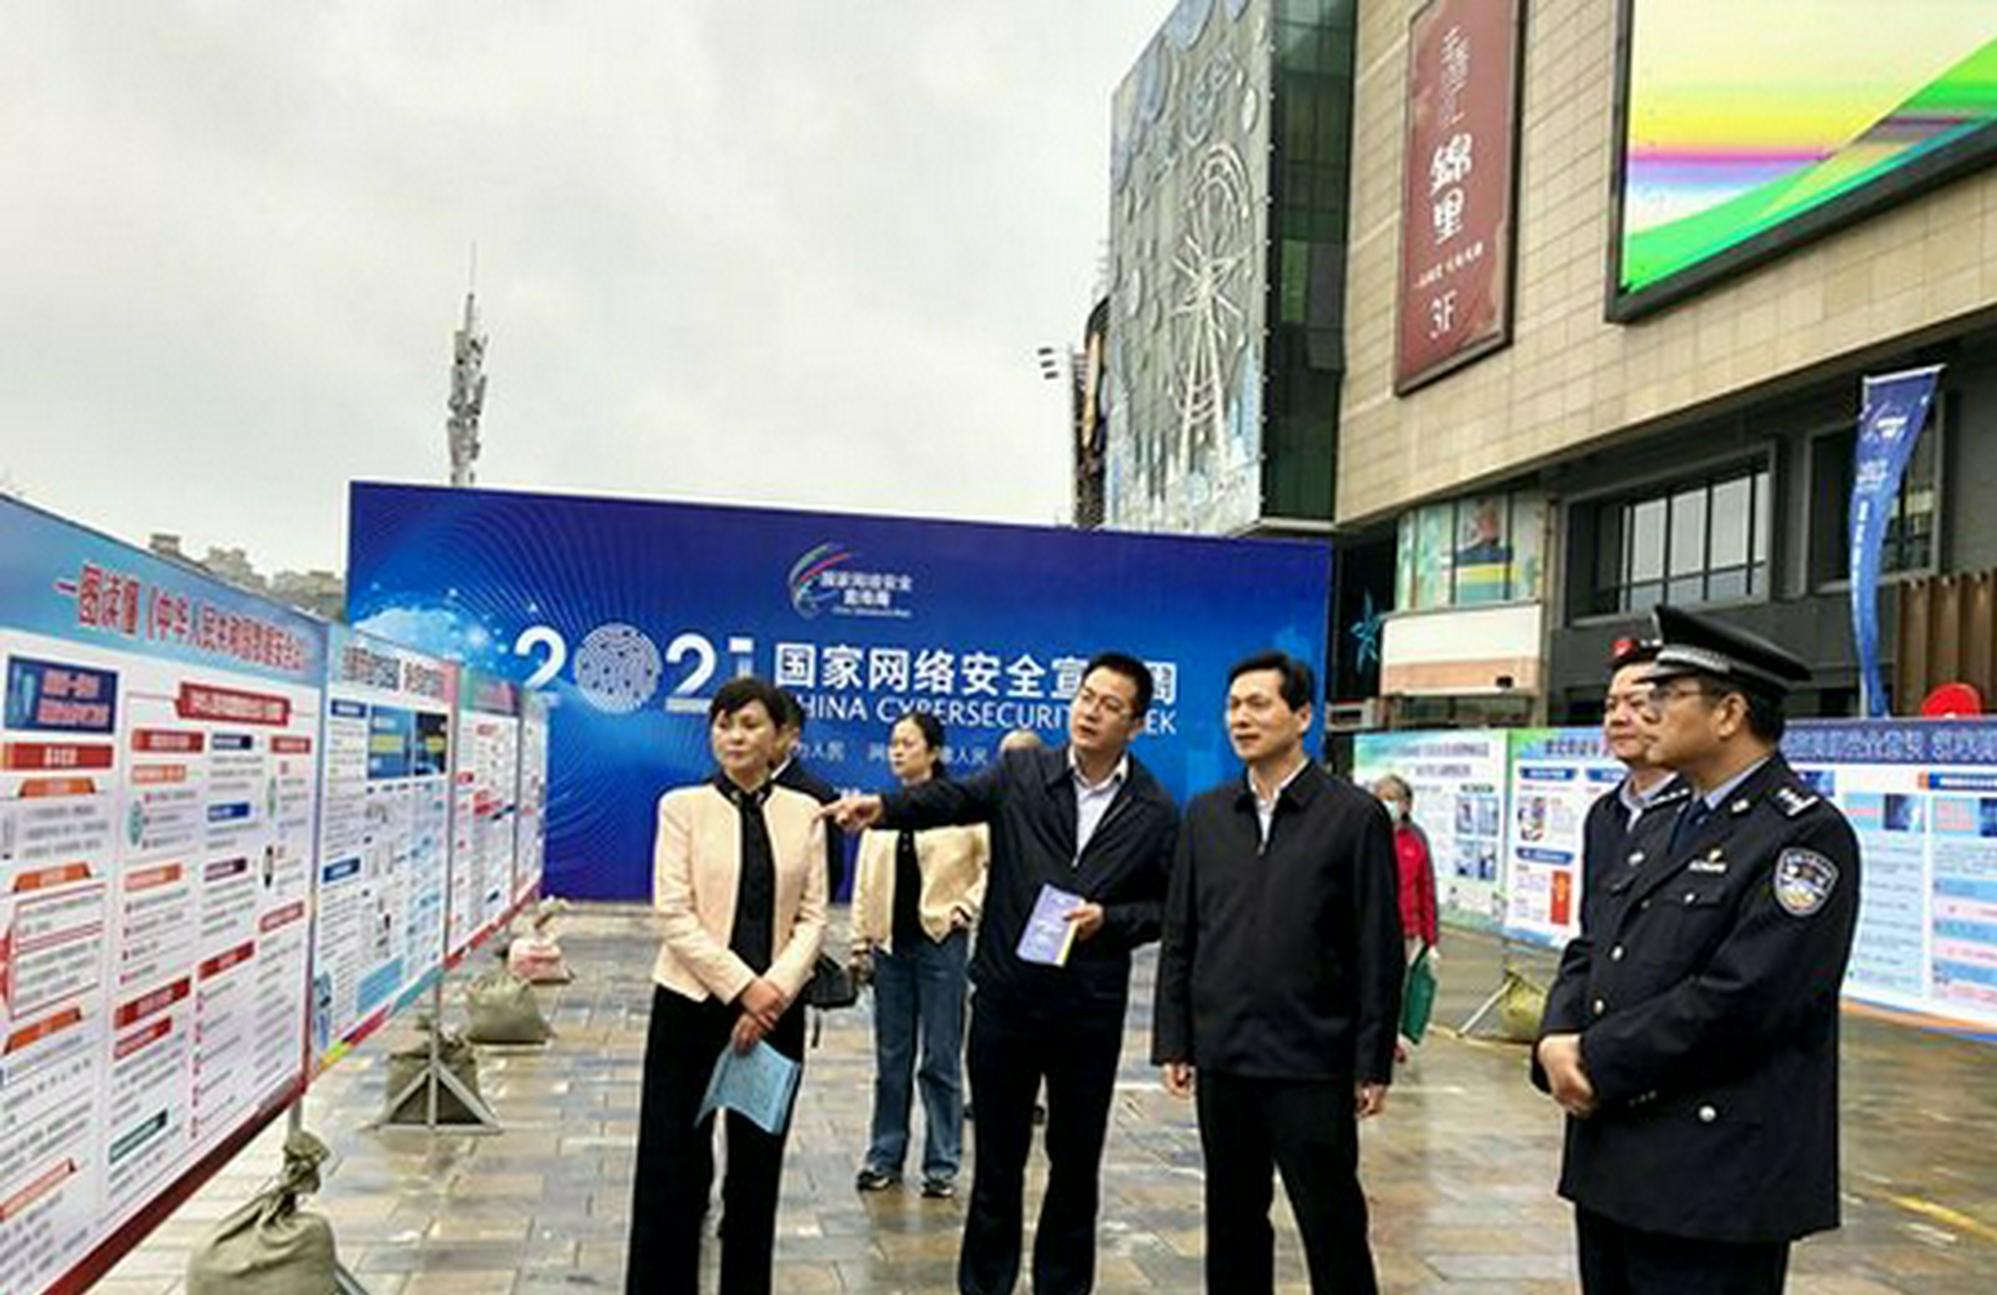 2021年铜陵市网络安全宣传周启动